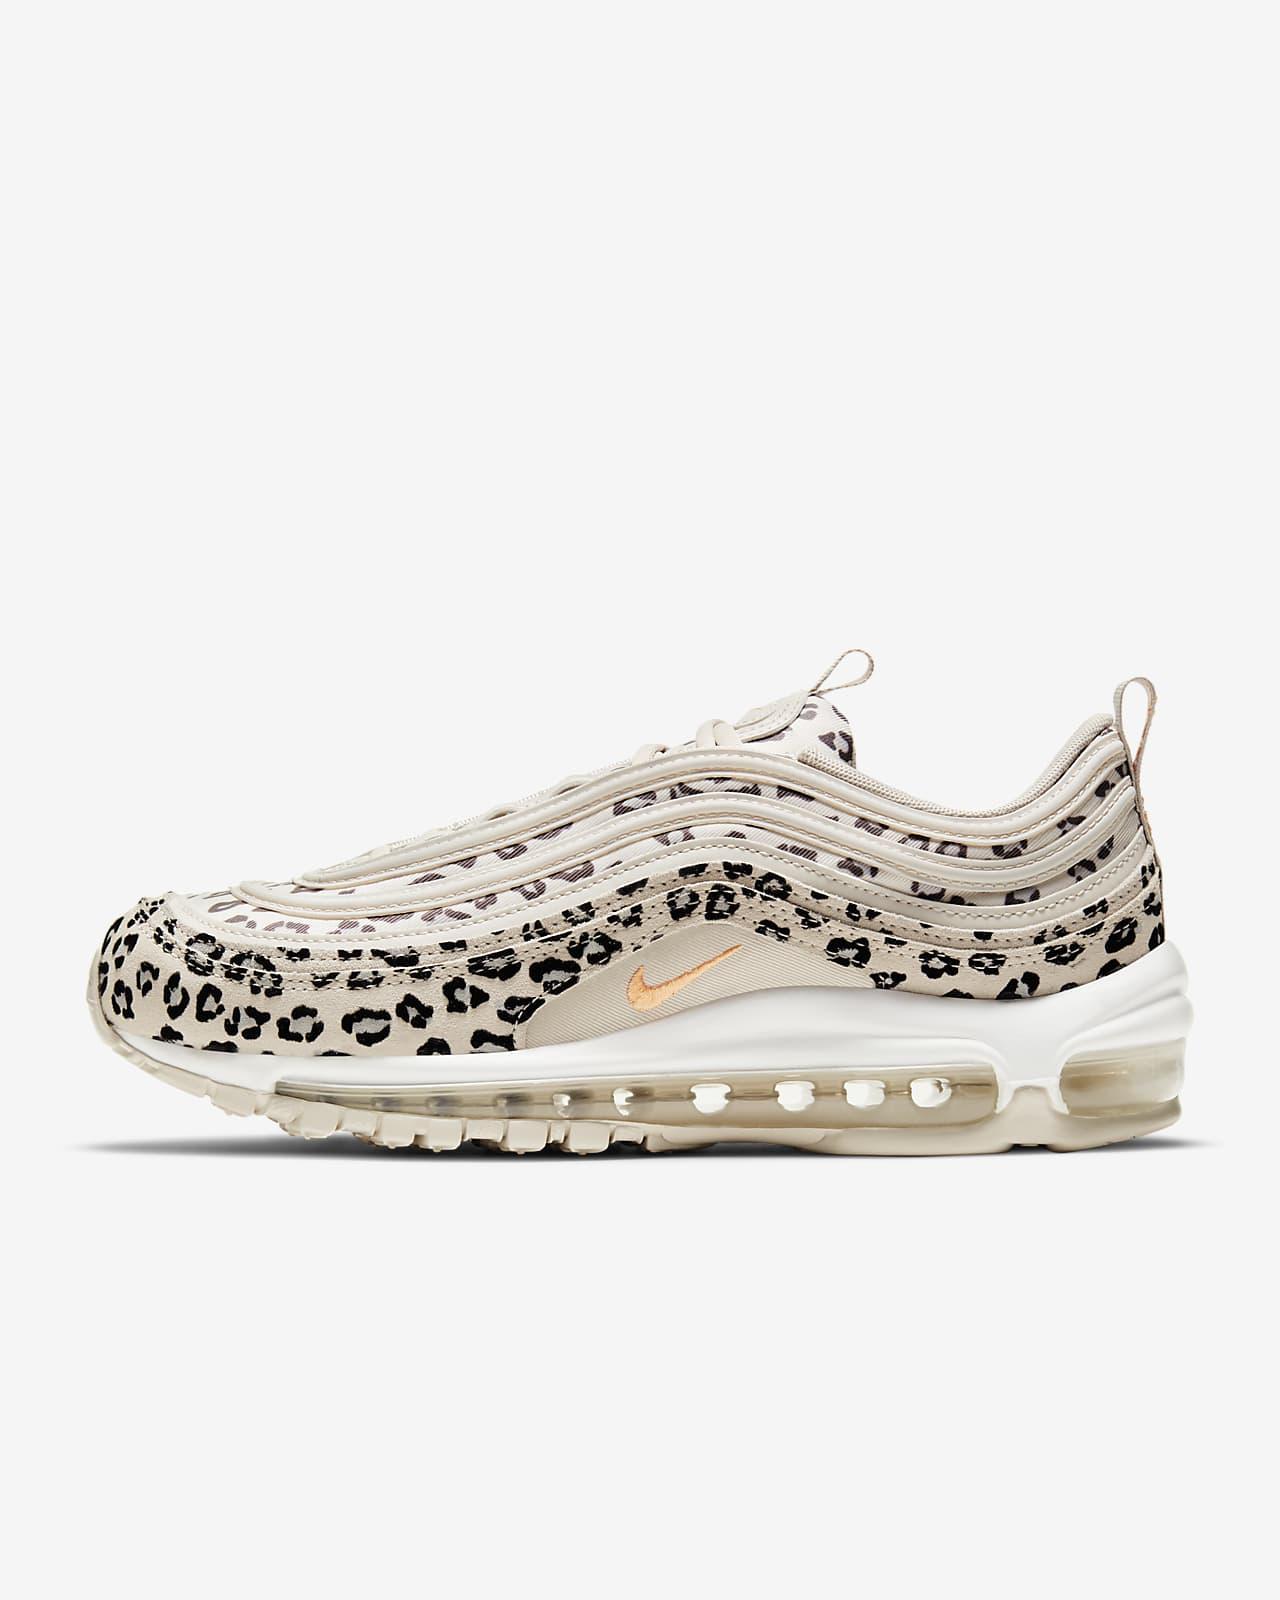 รองเท้าผู้หญิง Nike Air Max 97 SE